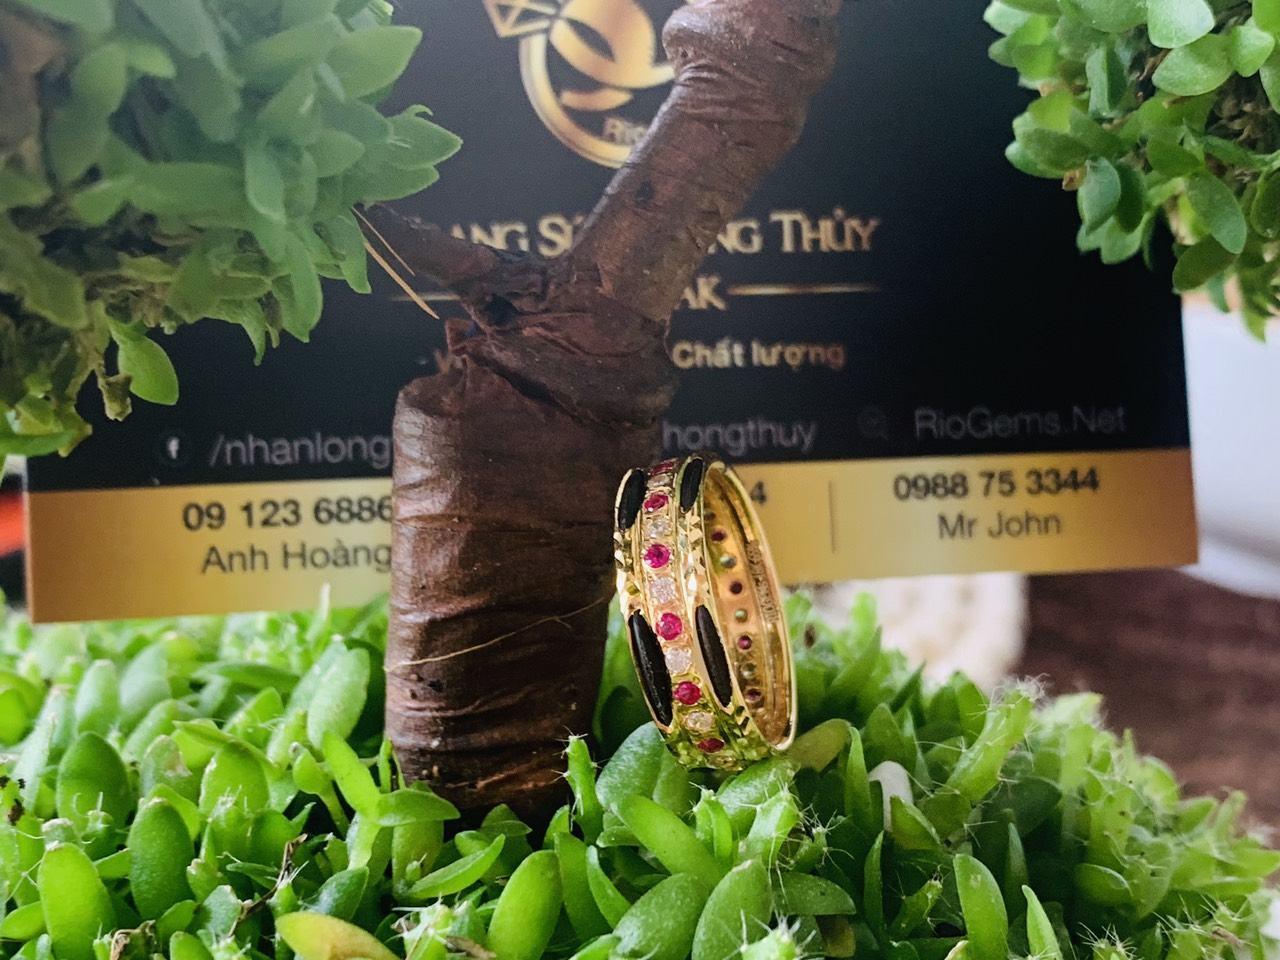 Nhẫn lông voi 2 sợi 1 hàng đá tấm đỏ phong thủy RioGems